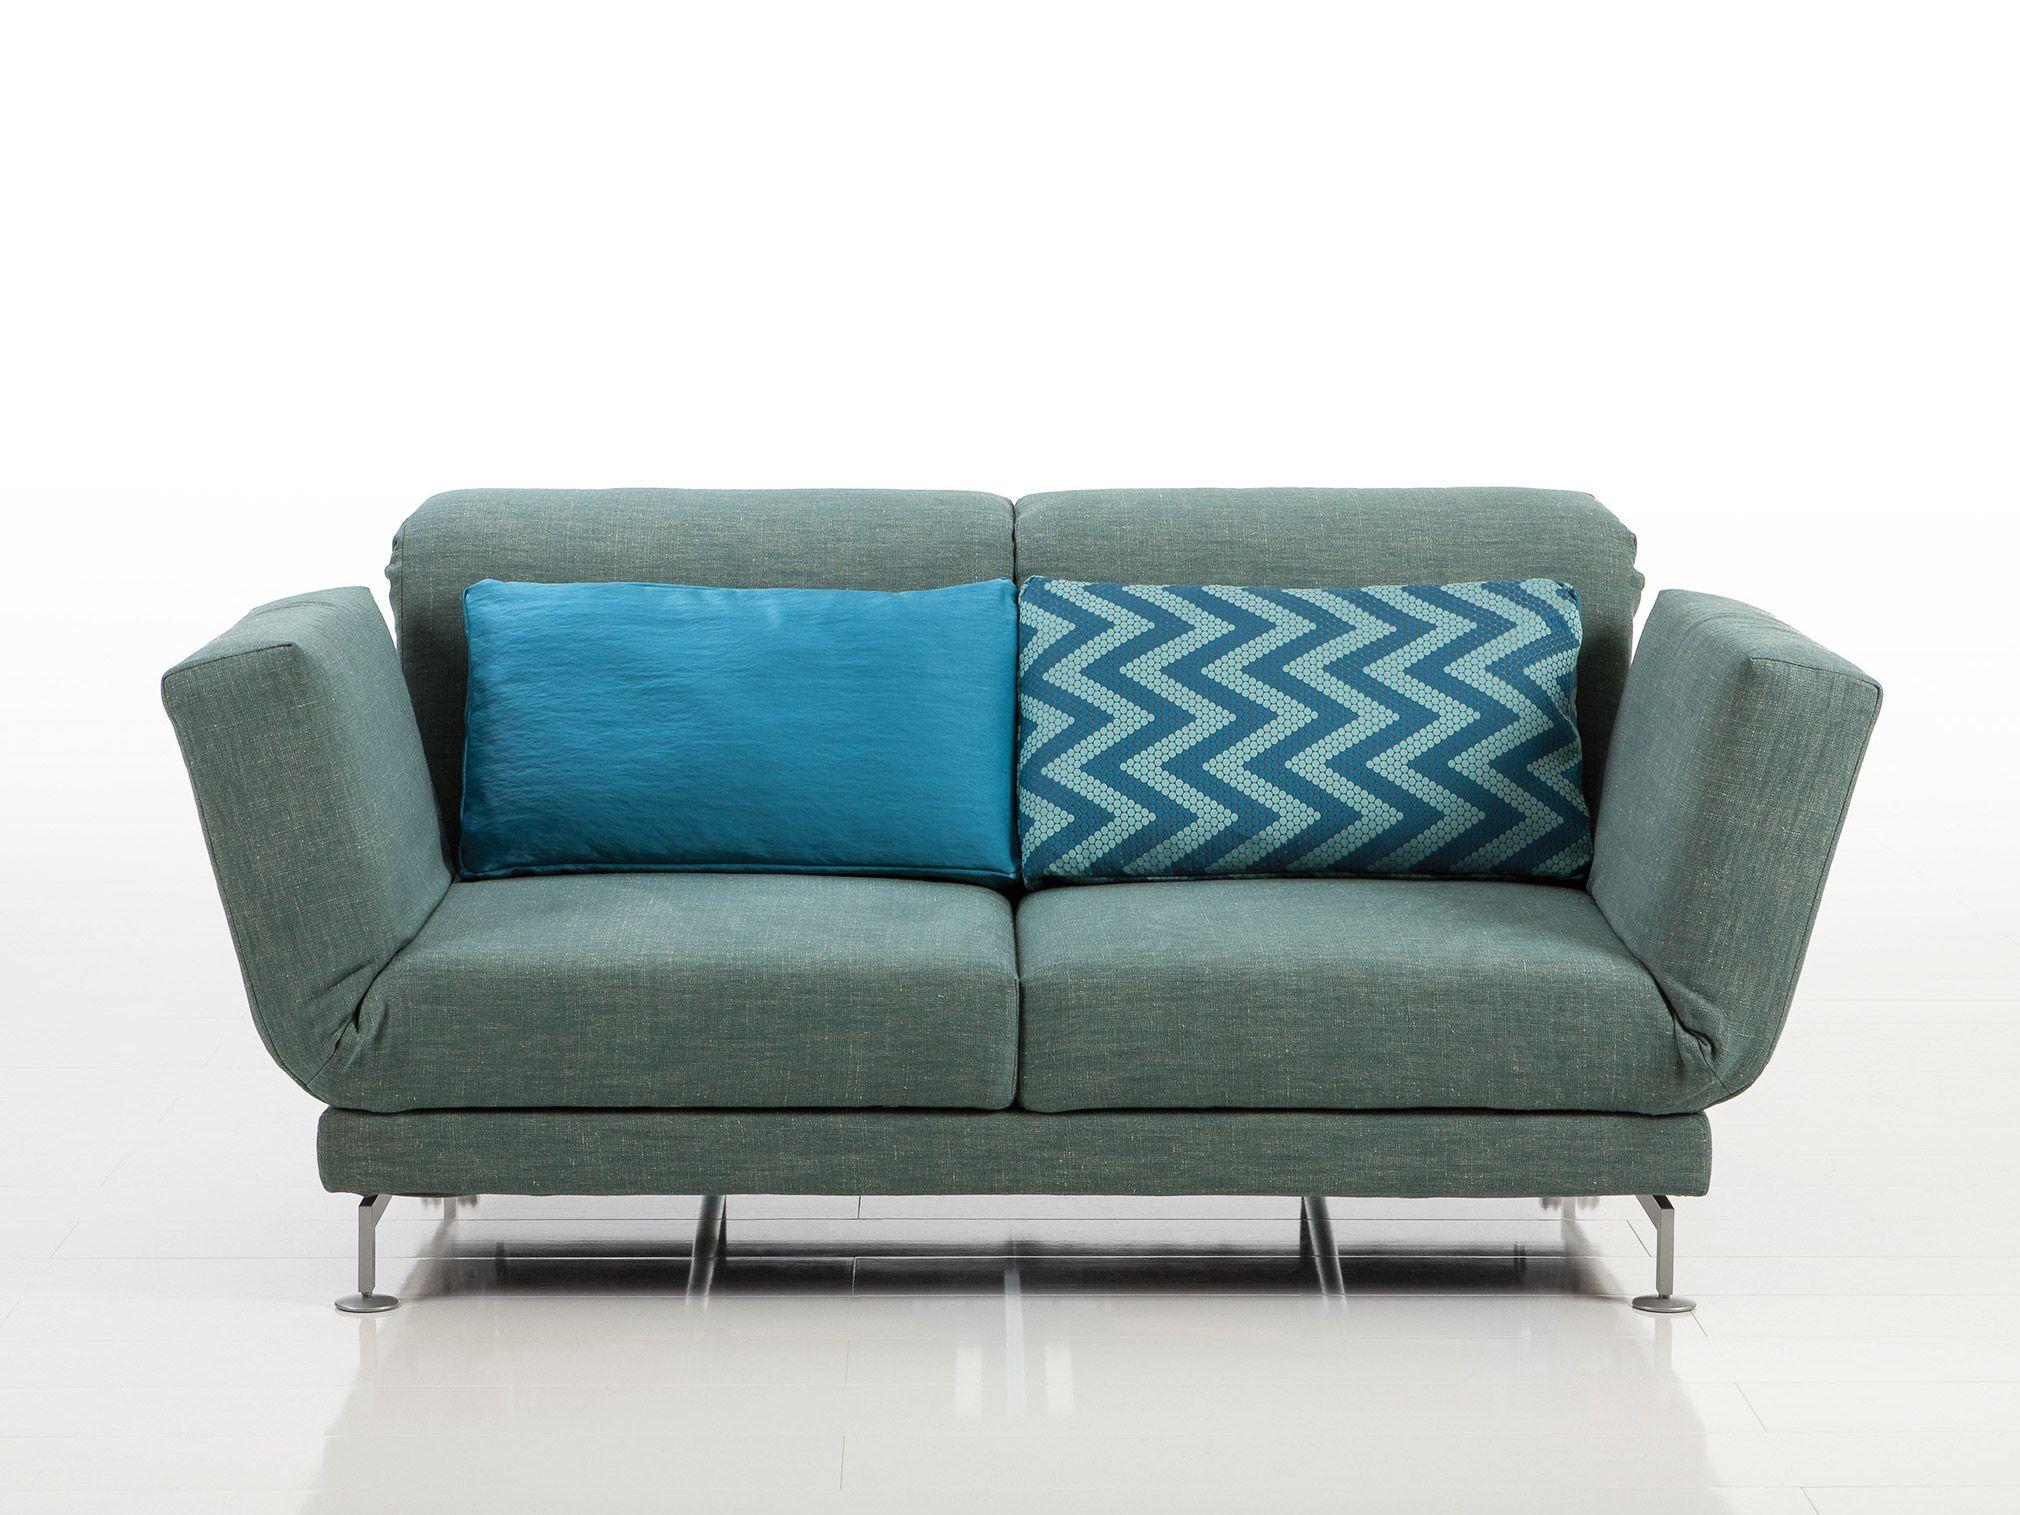 Moule divano in tessuto collezione moule by br hl design for Divano reclinabile 2 posti